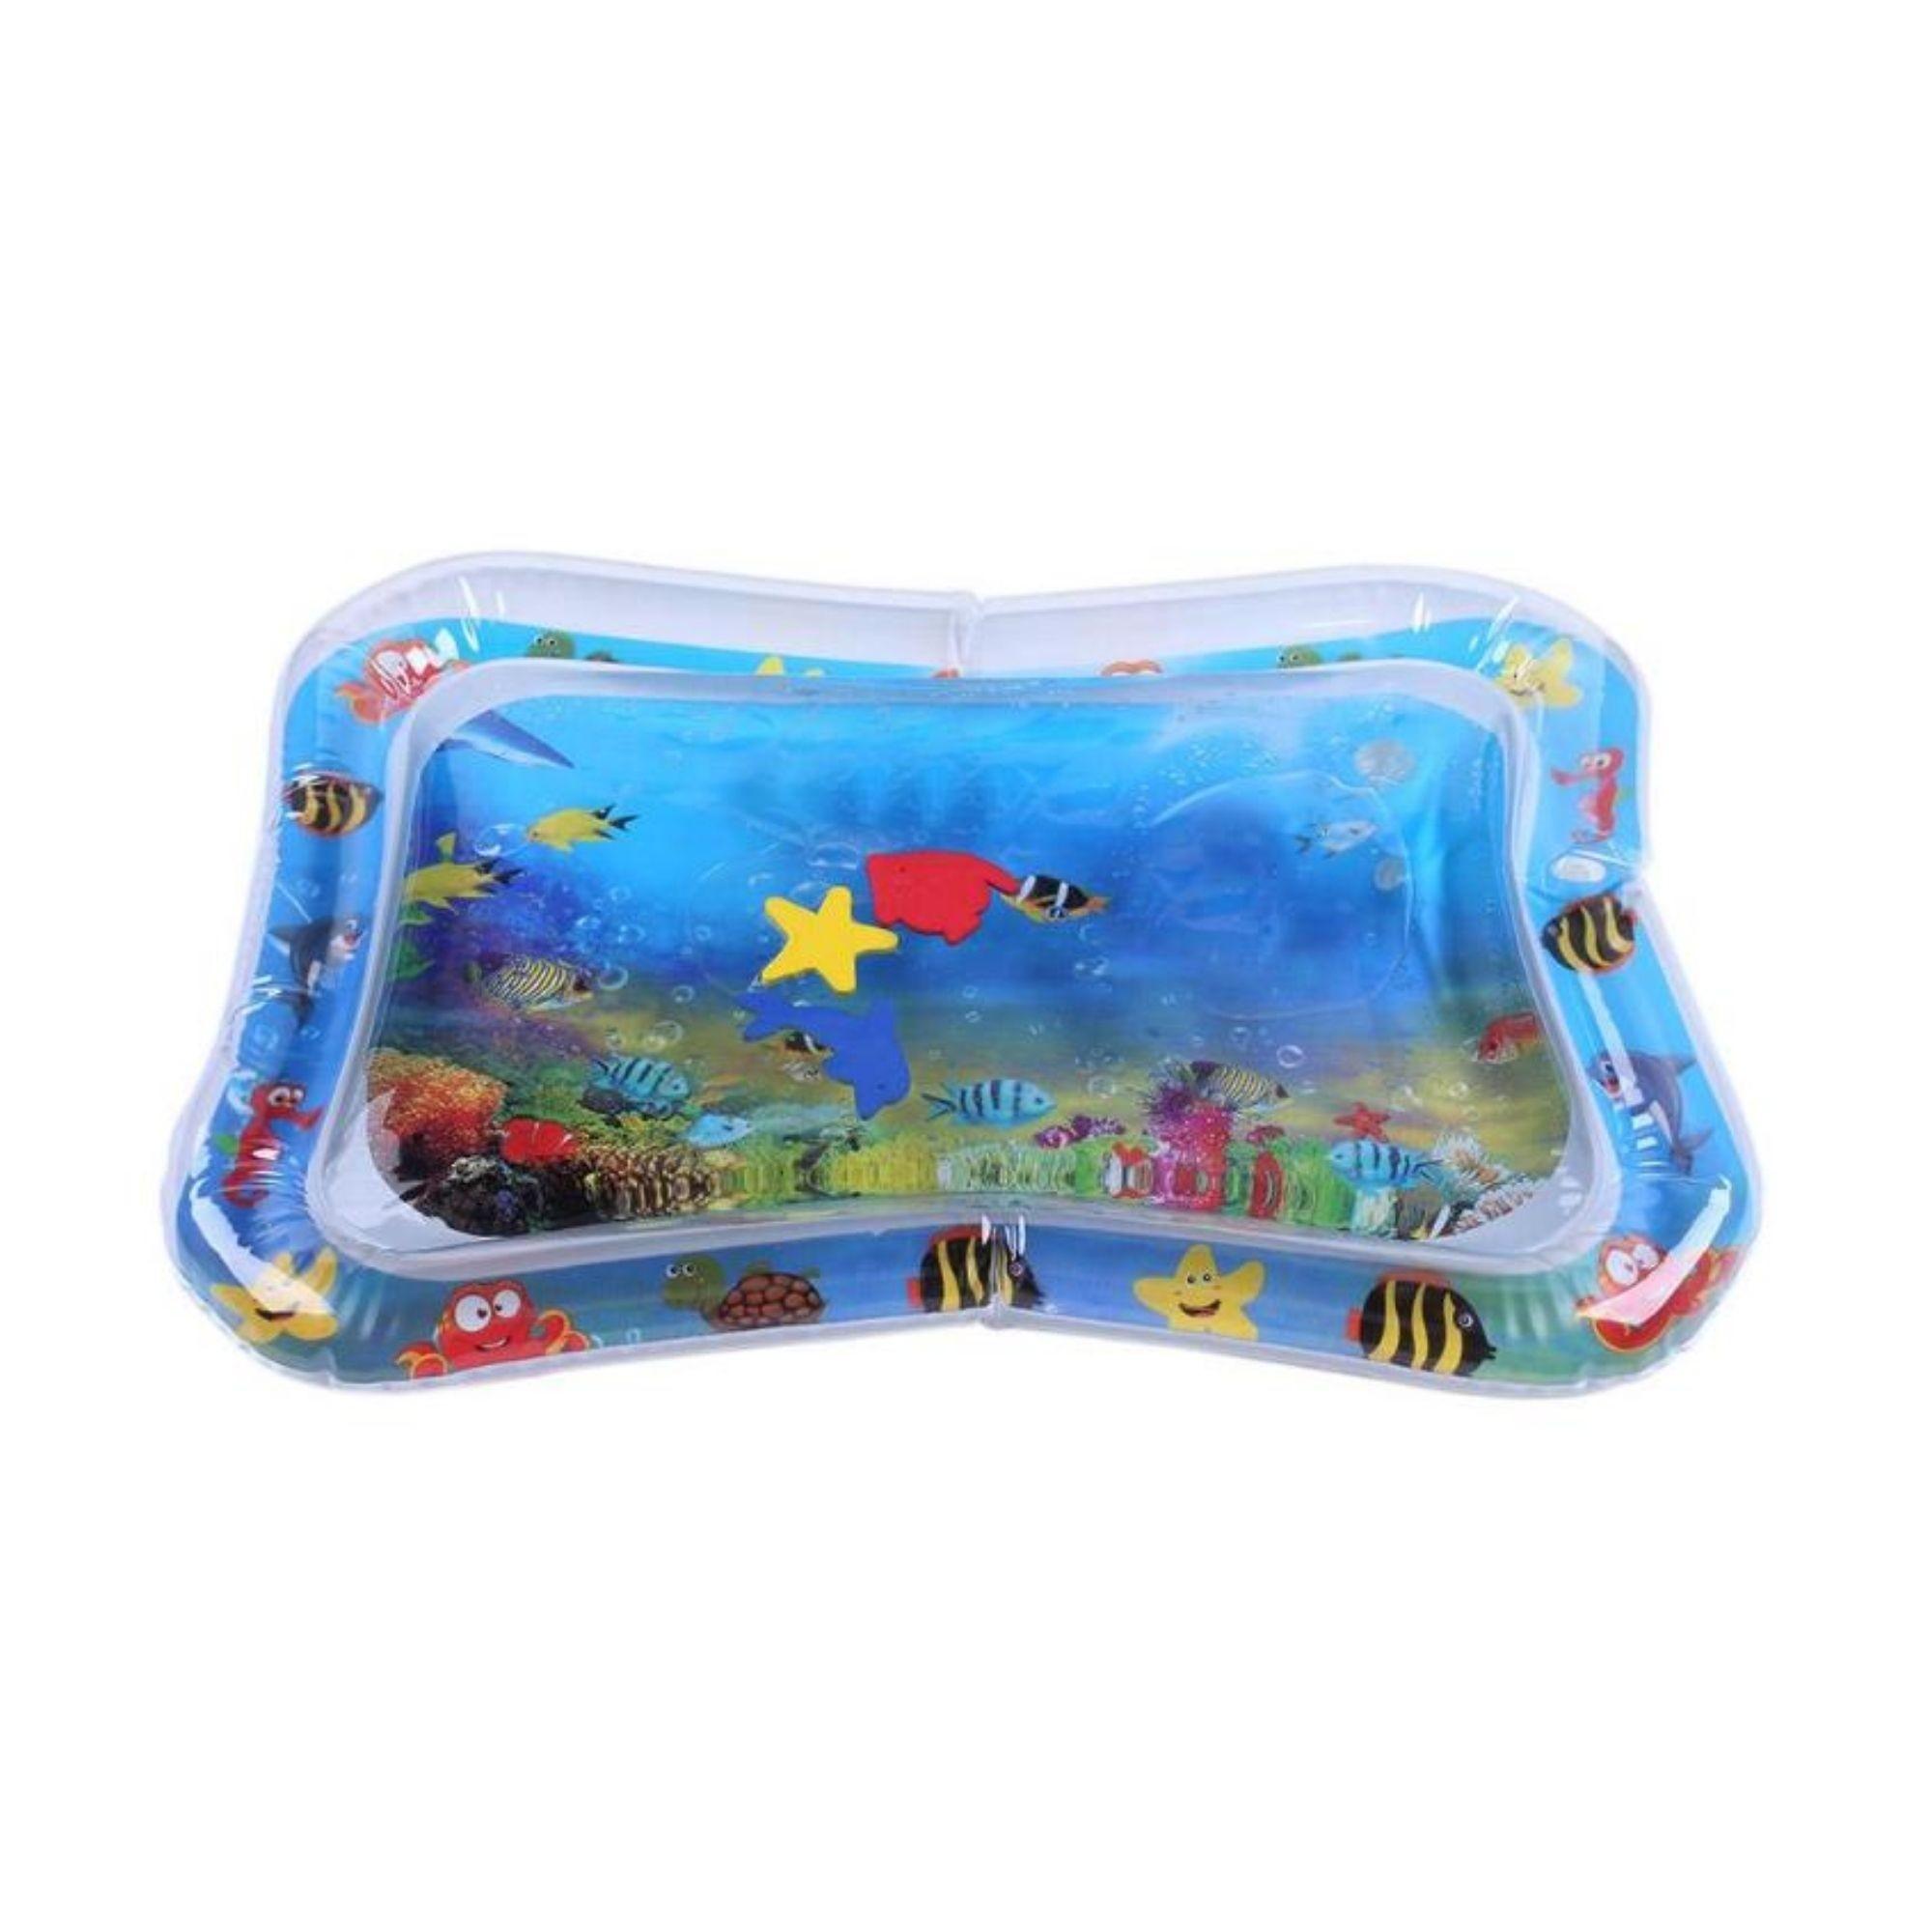 Tapete de Agua Inflável para Bebê com Atividades Almofada  - Game Land Brinquedos